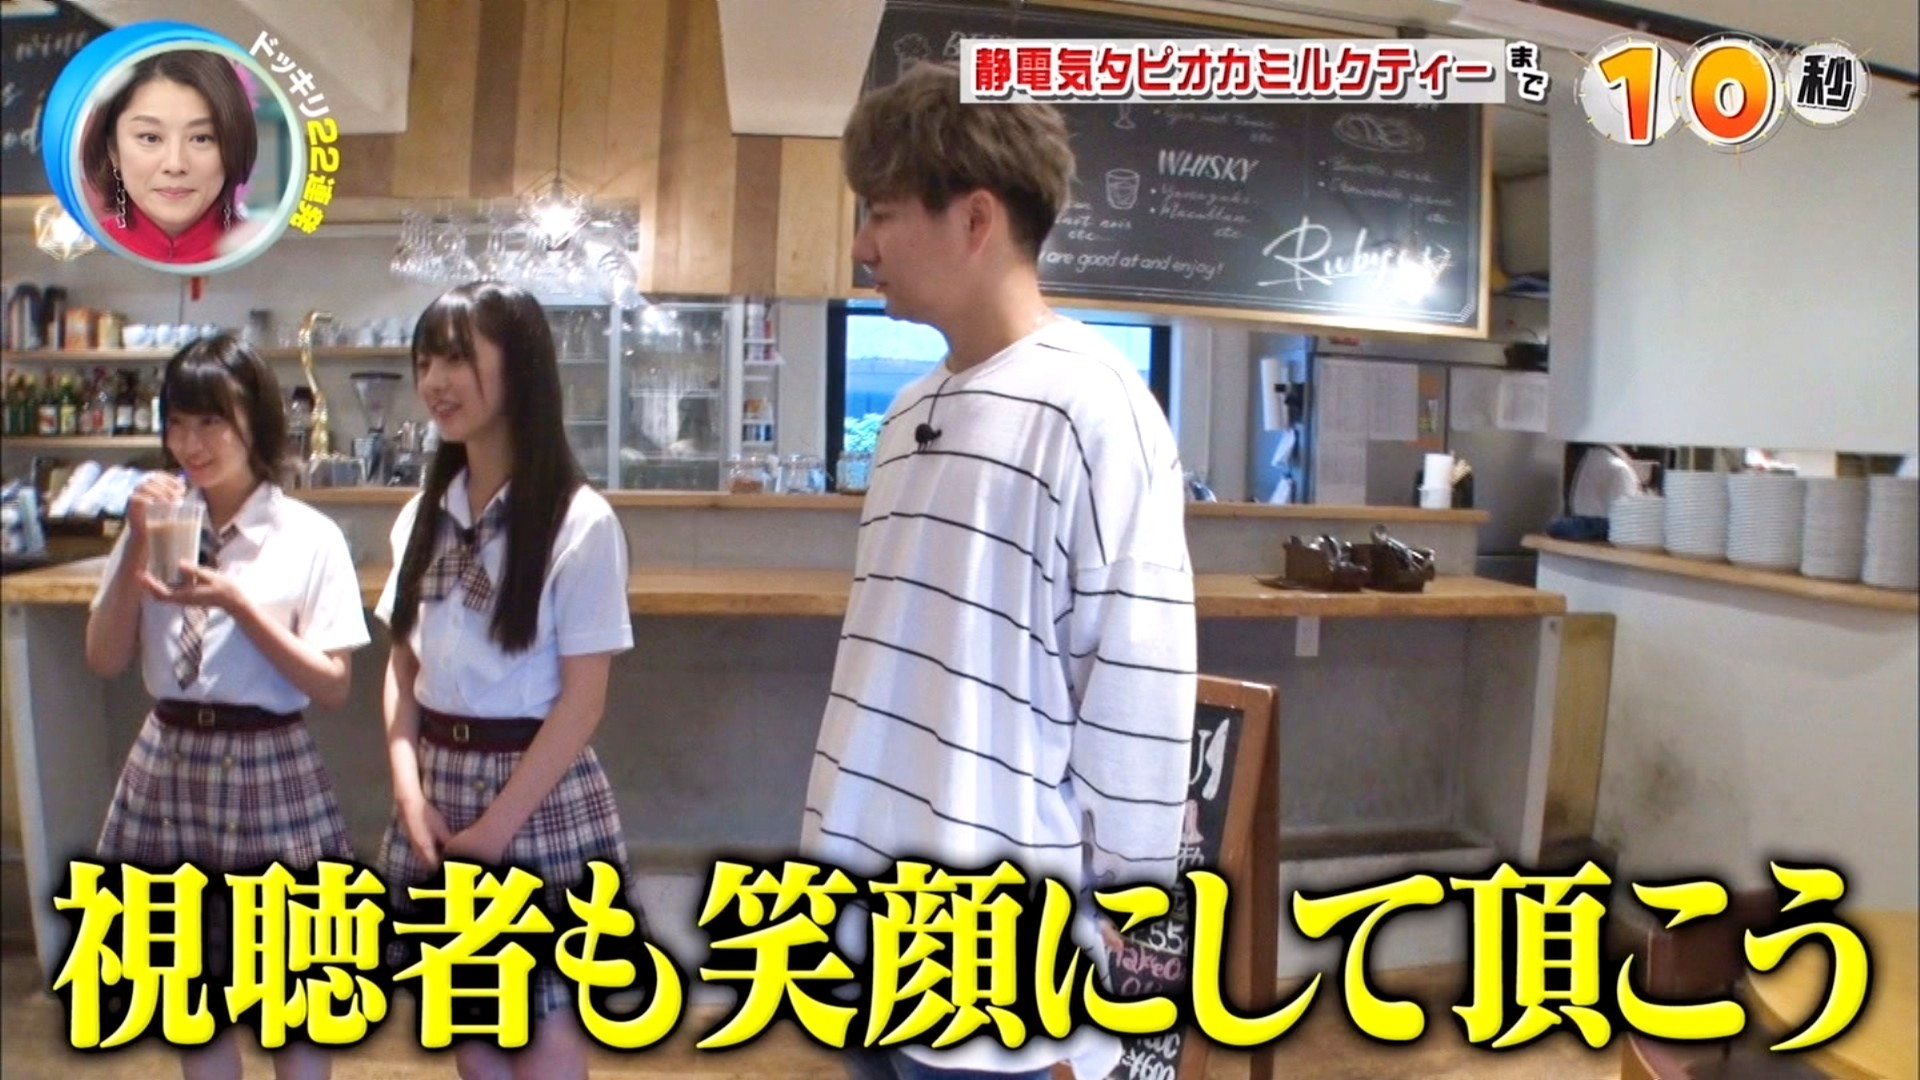 2019年11月30日にフジテレビ系列でほうそうされた「芸能人が本気で考えた!ドッキリGP」に出演したNMB48上西怜・大田莉央奈の画像-003